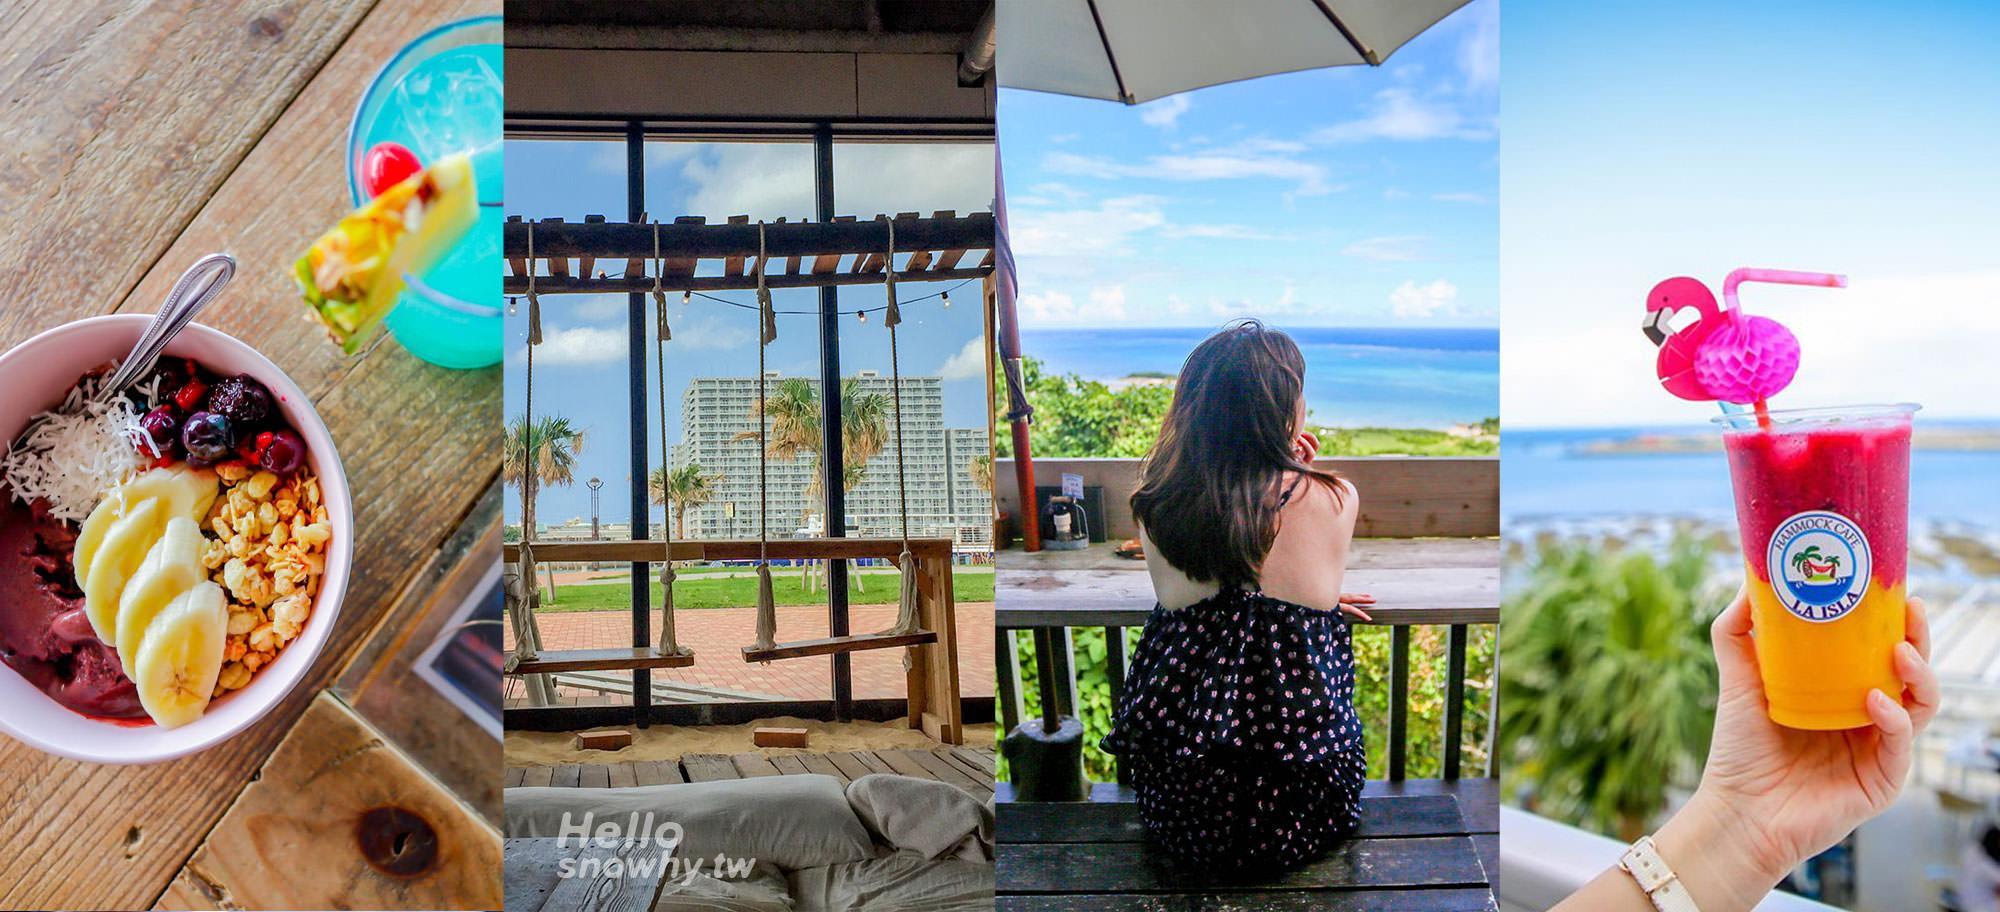 沖繩海景咖啡廳,沖繩必去打卡點,沖繩景觀餐廳,沖繩無敵海景,沖繩海景,沖繩海景飯店,沖繩海景餐廳,沖繩美食